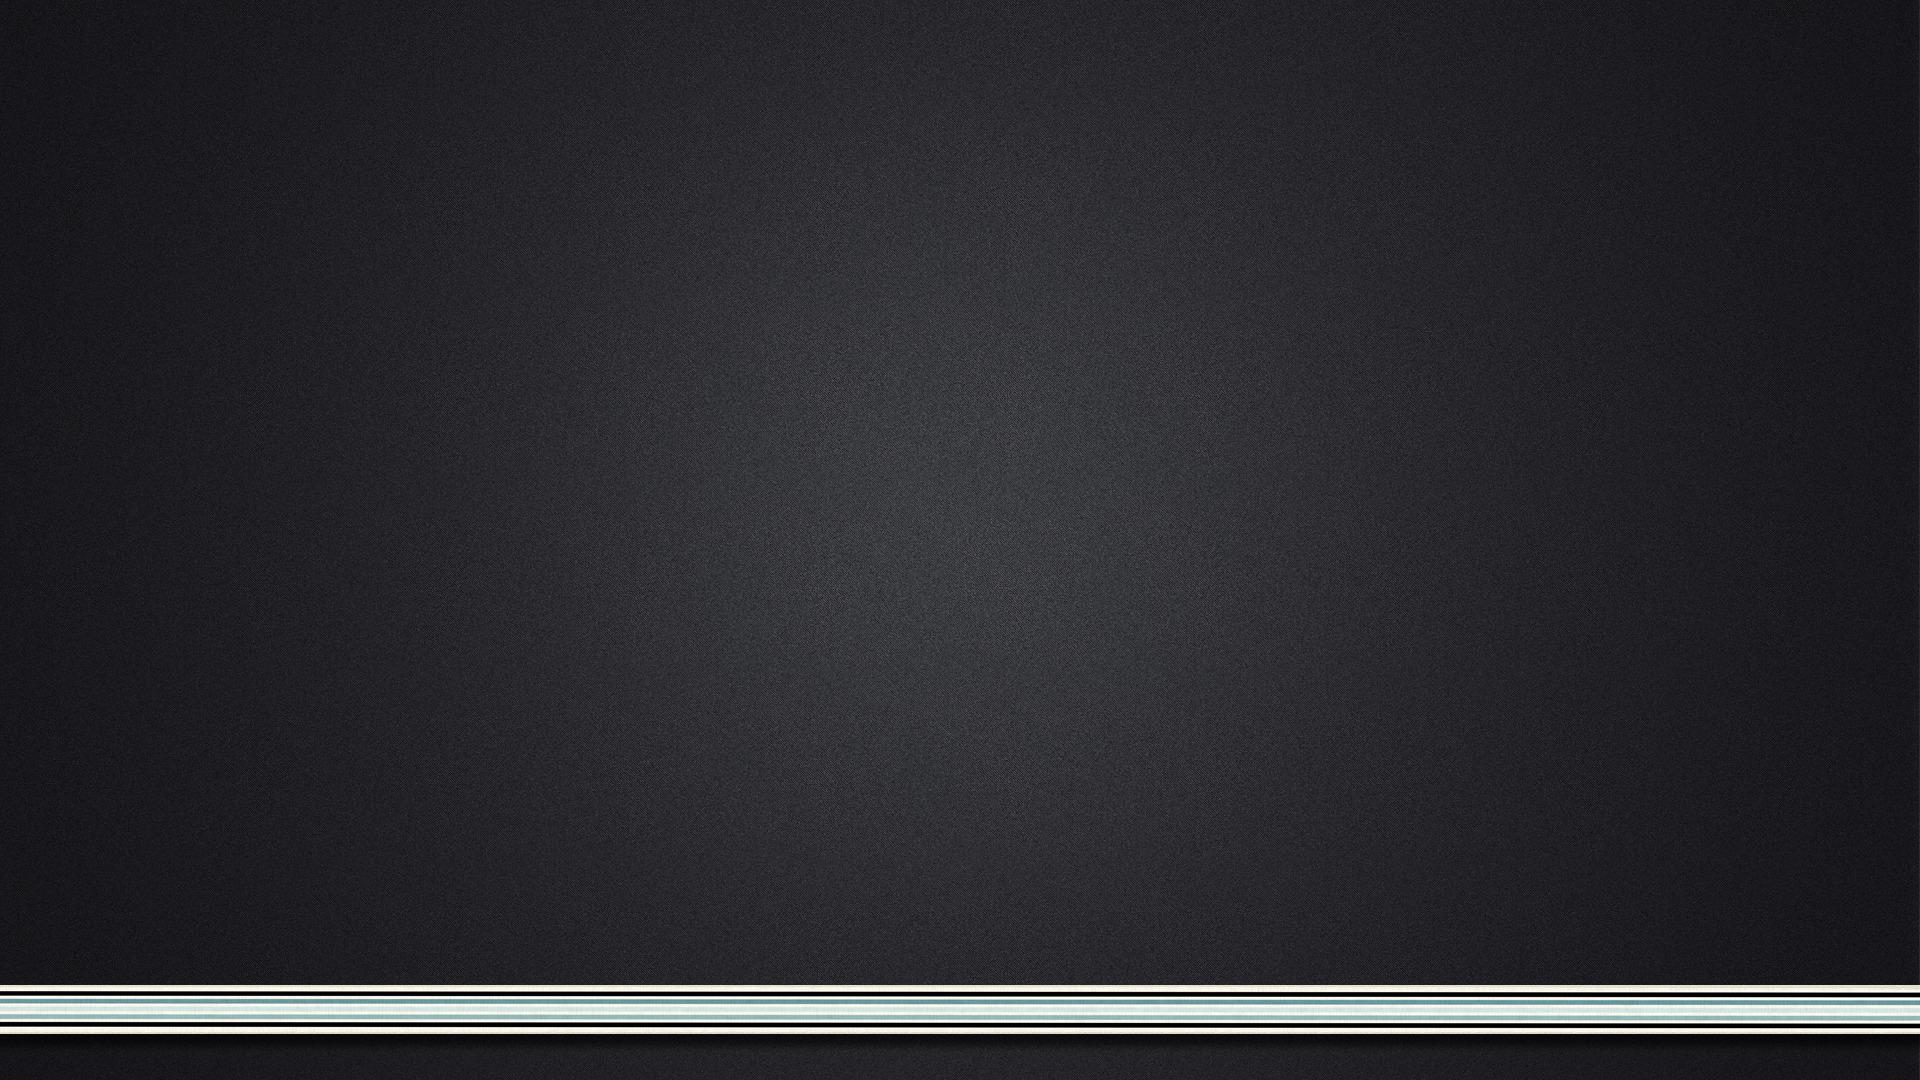 текстуры серый линии  № 942336 бесплатно